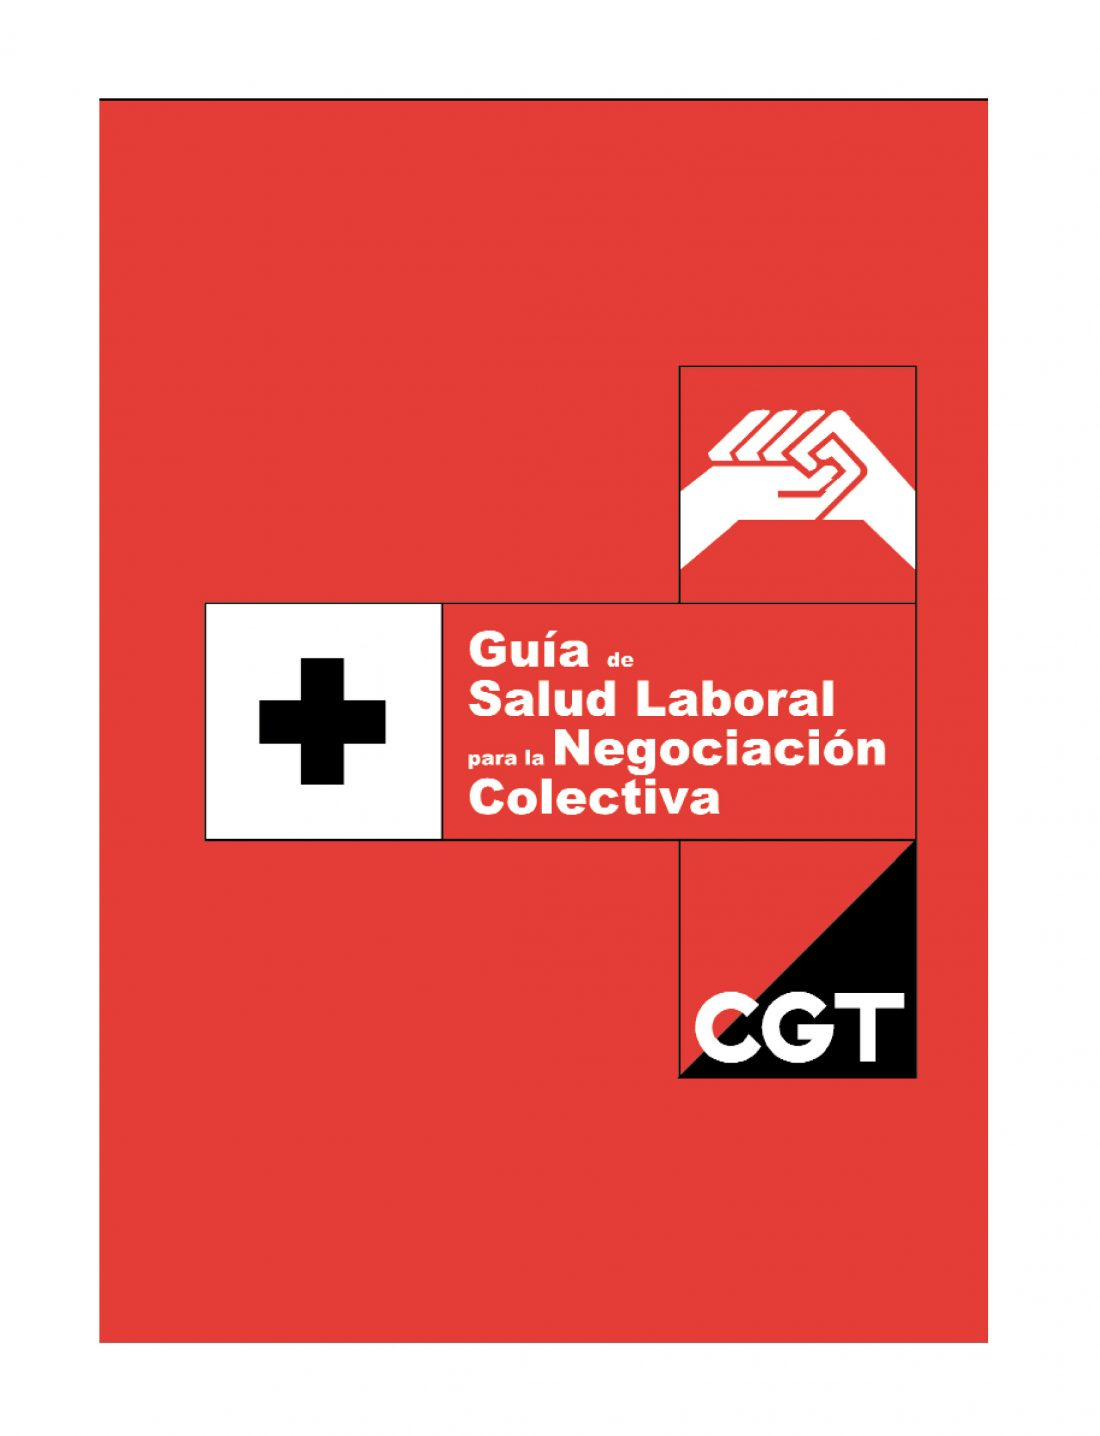 Guía de Salud Laboral para la Negociación Colectiva (Ed. 2002)